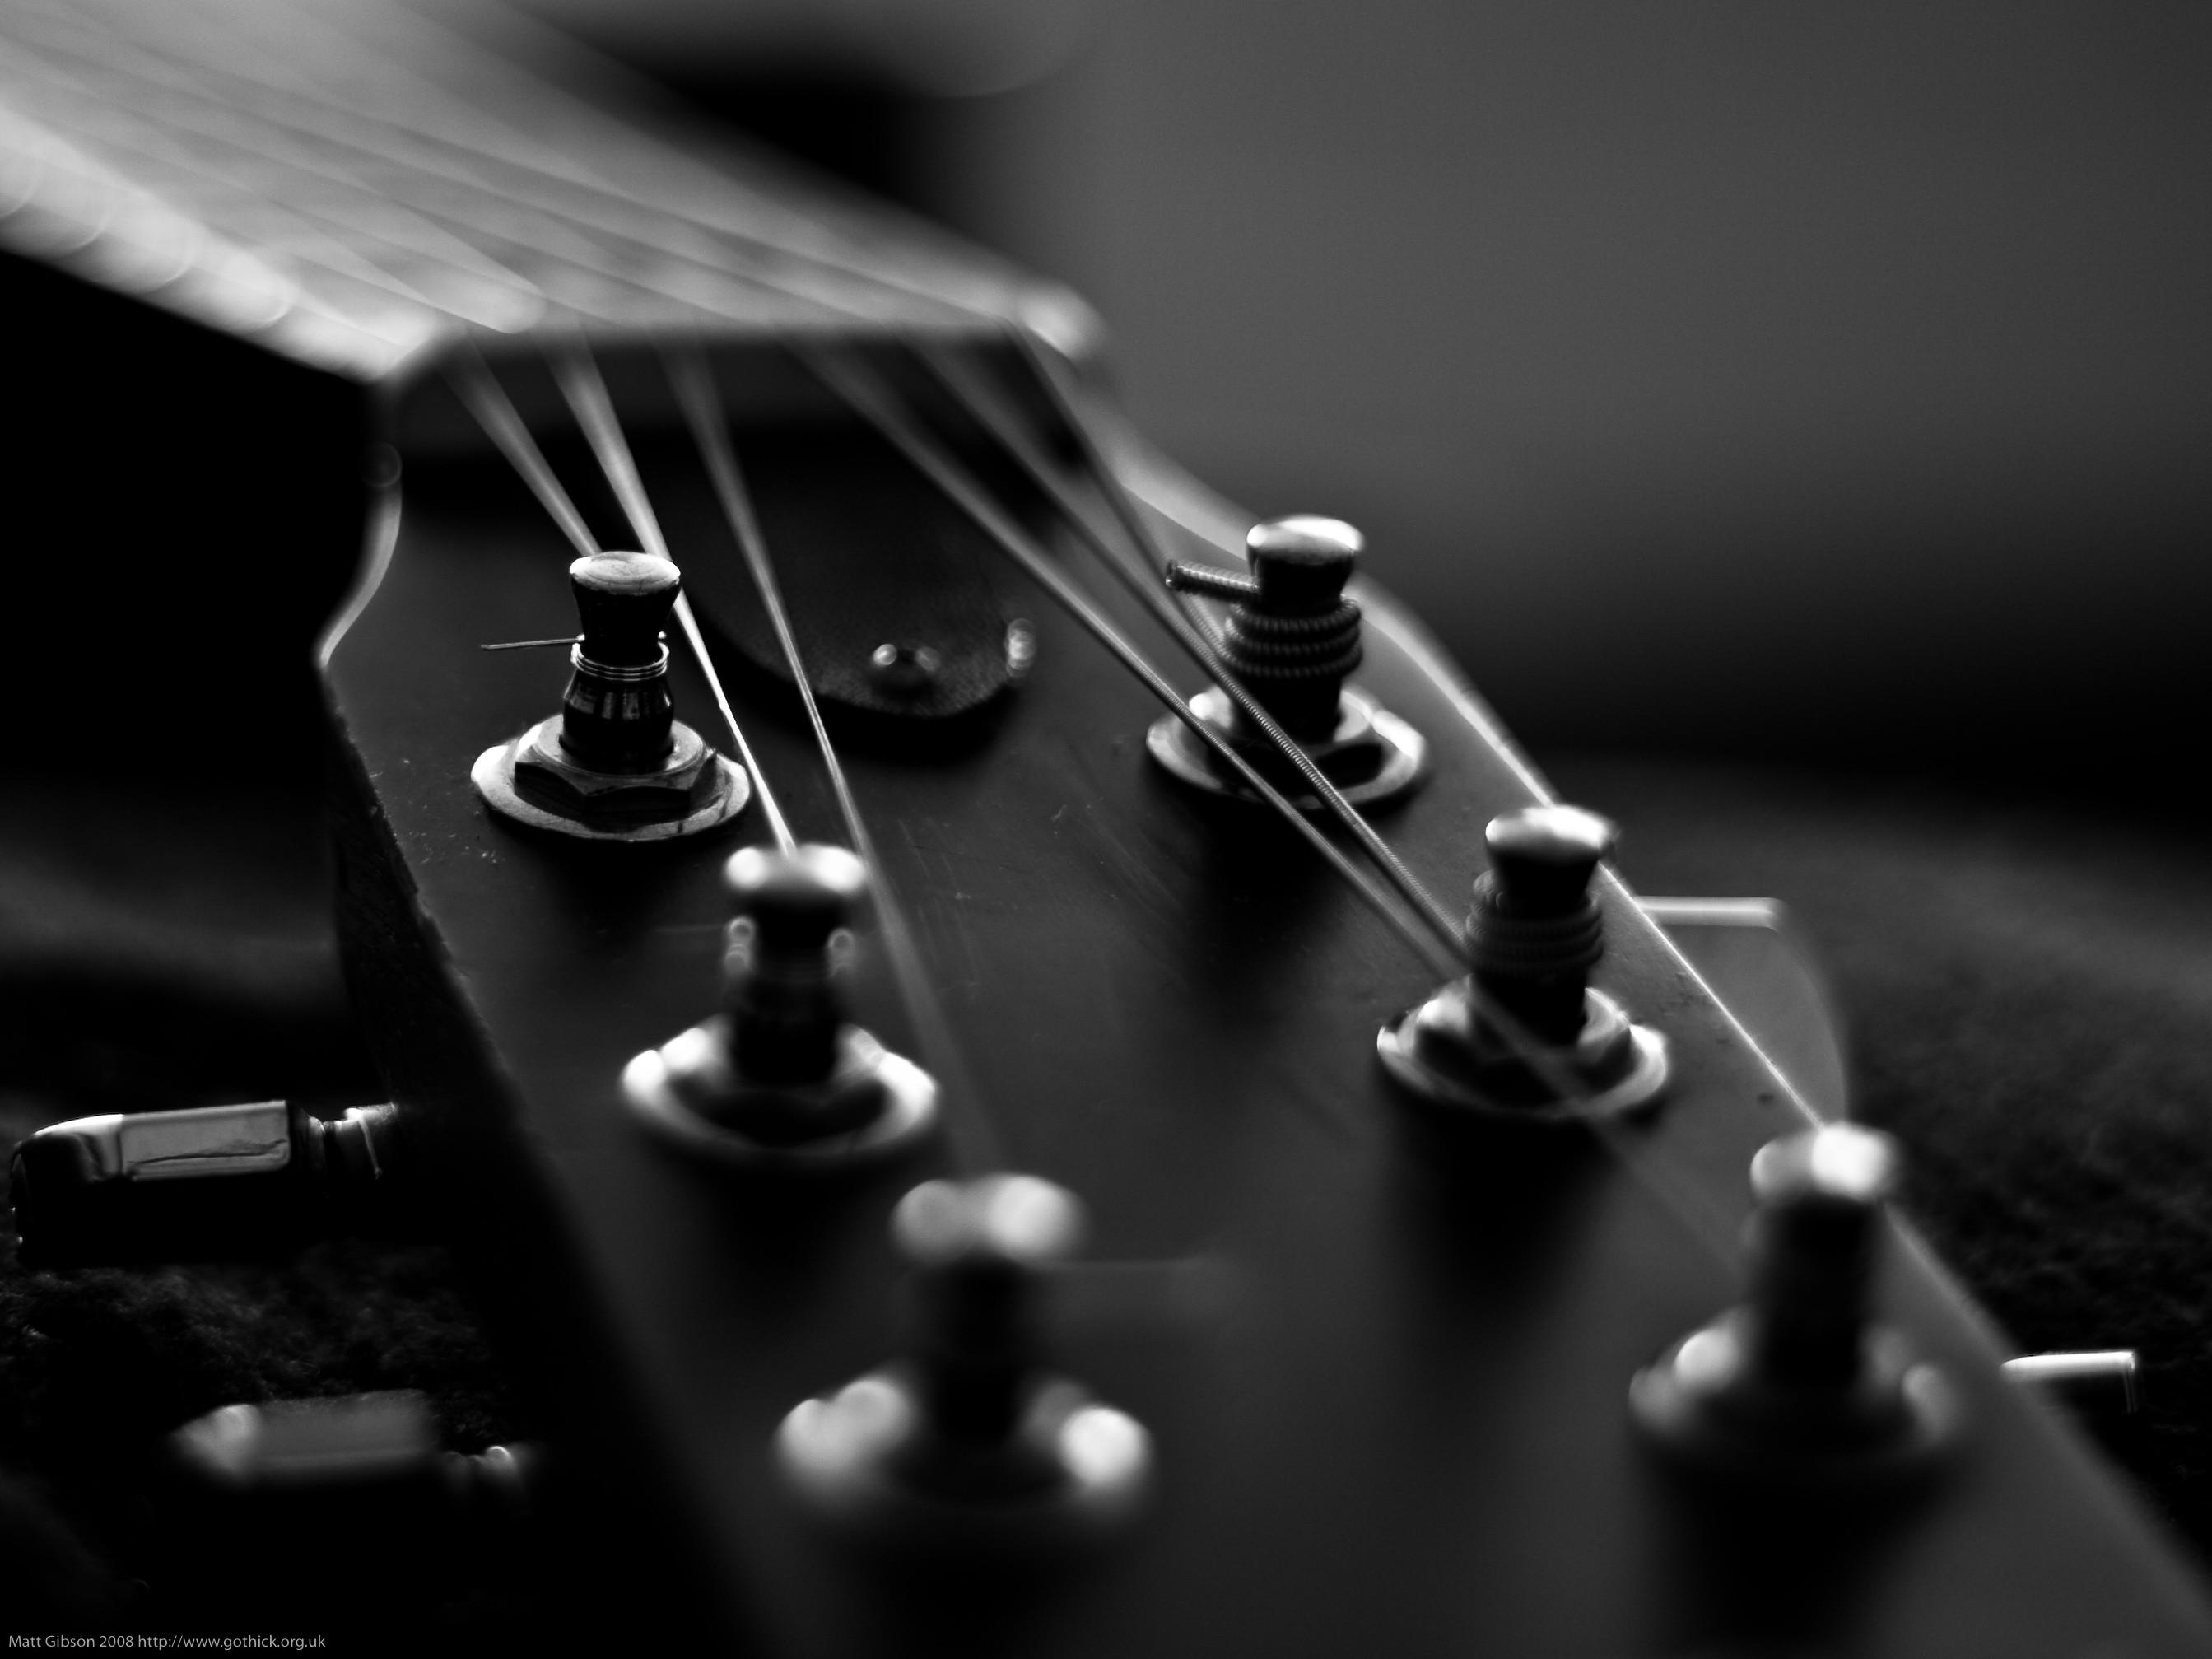 Hd guitar wallpaper 76 images - Cool guitar wallpaper ...